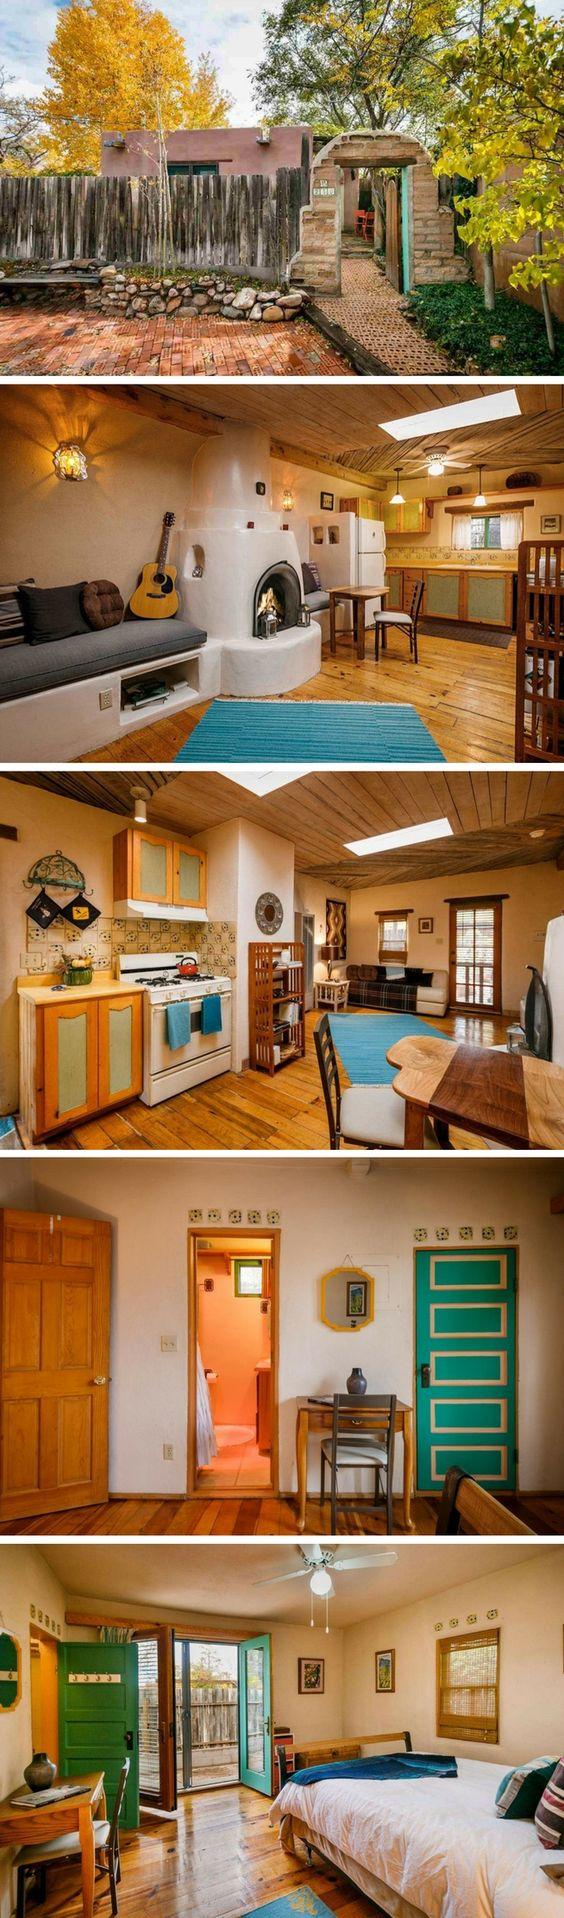 Santa Fe Tiny House And News Mexico On Pinterest